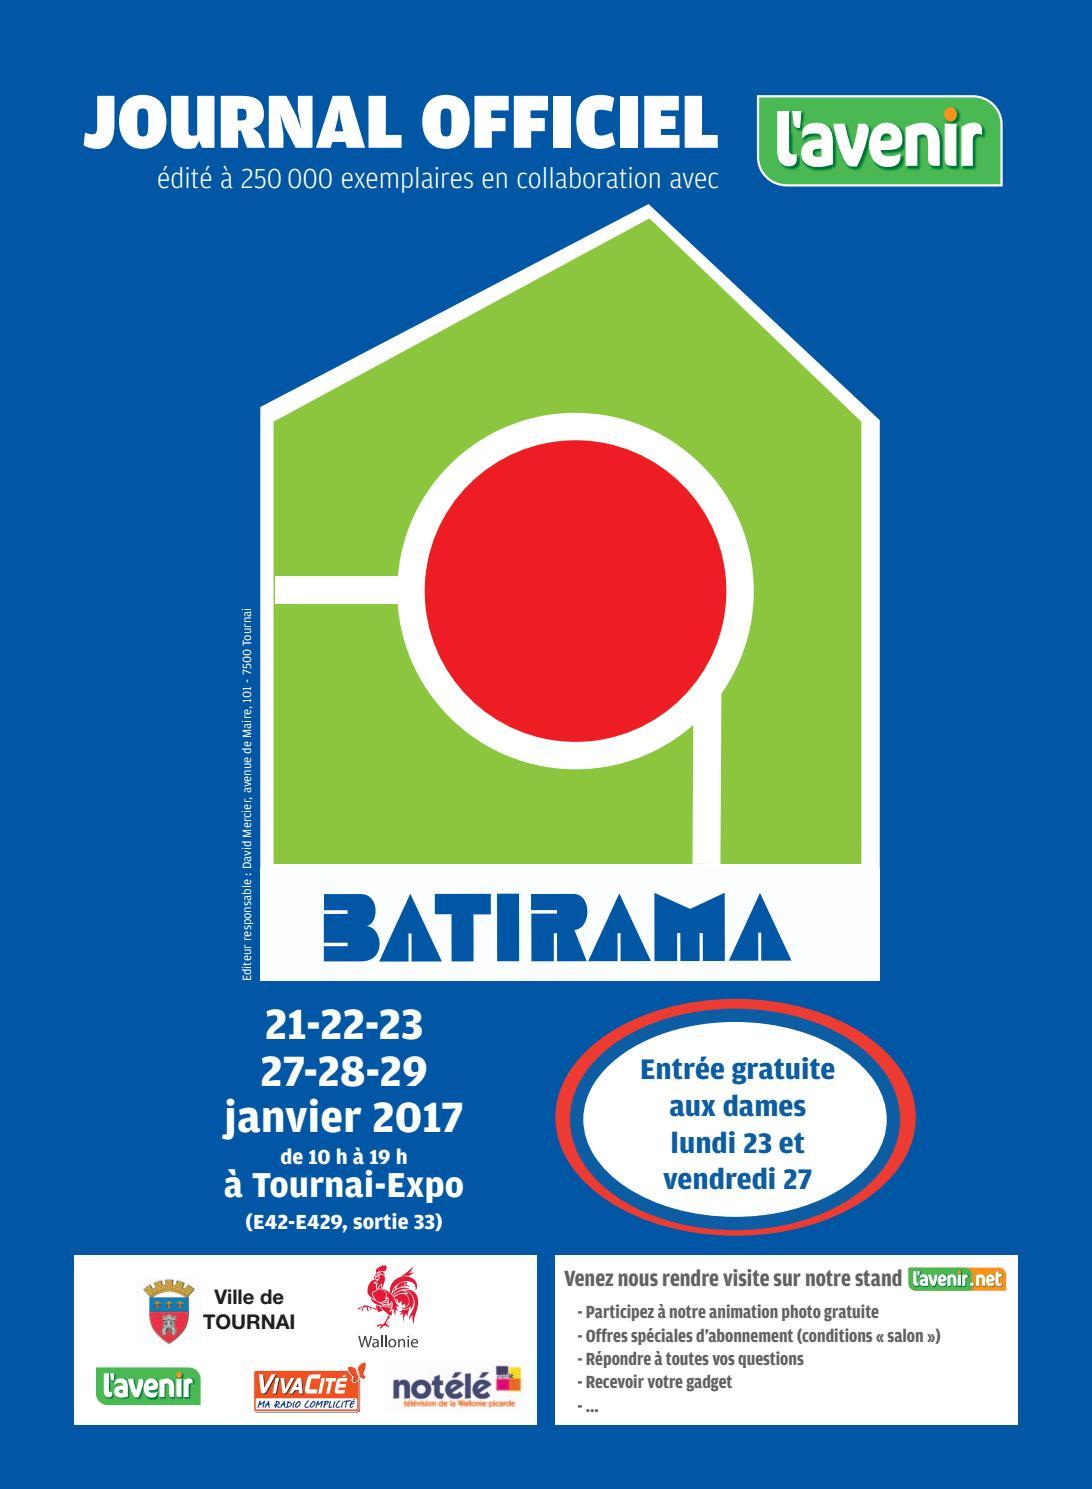 Batirama2017 by lavenir.net - issuu